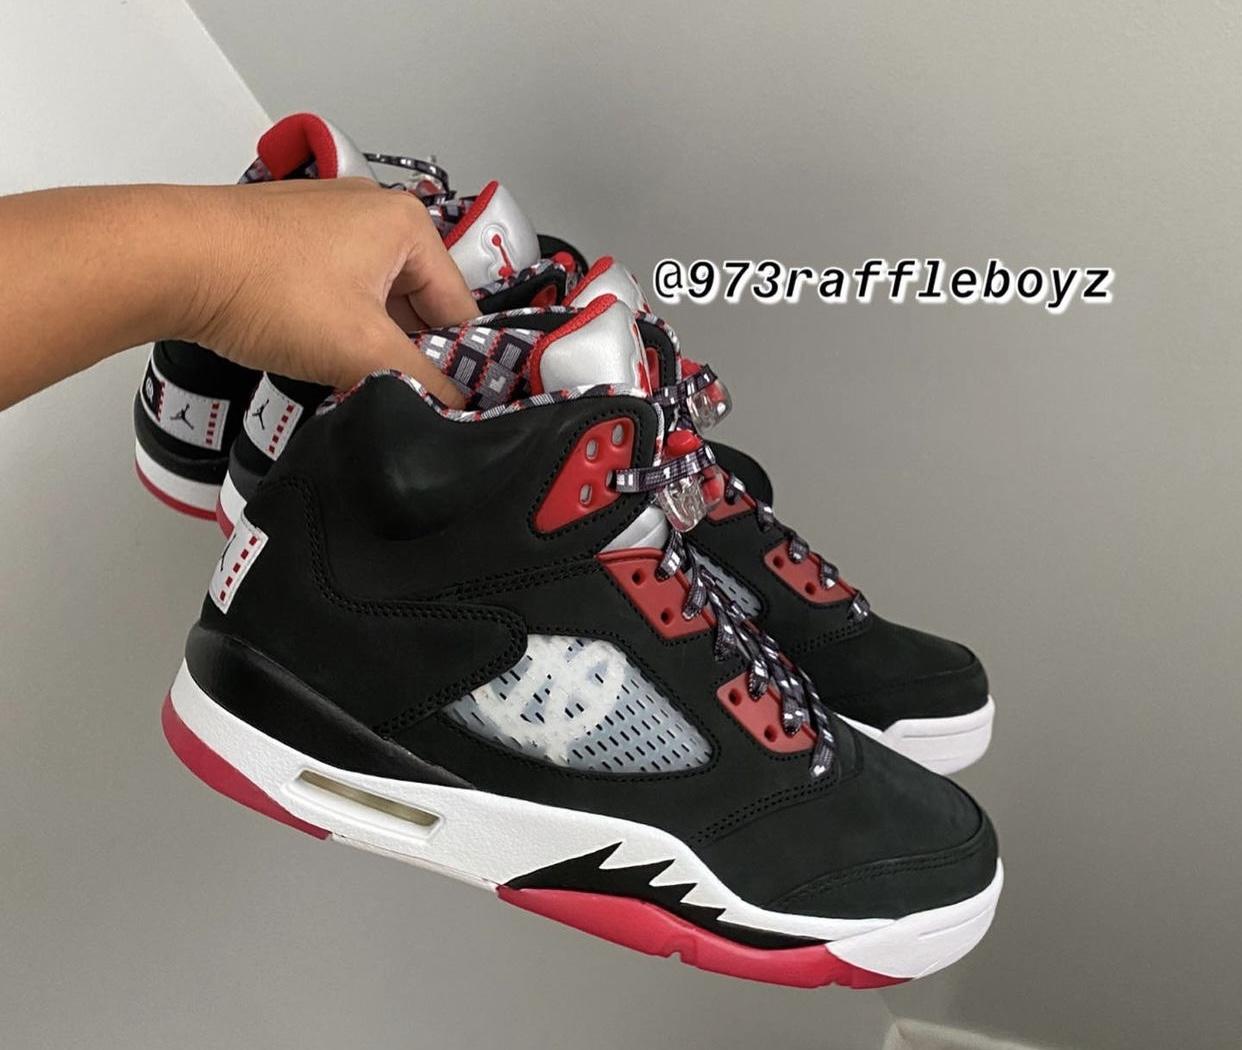 Air Jordan 5 Quai 54 Black Friends Family